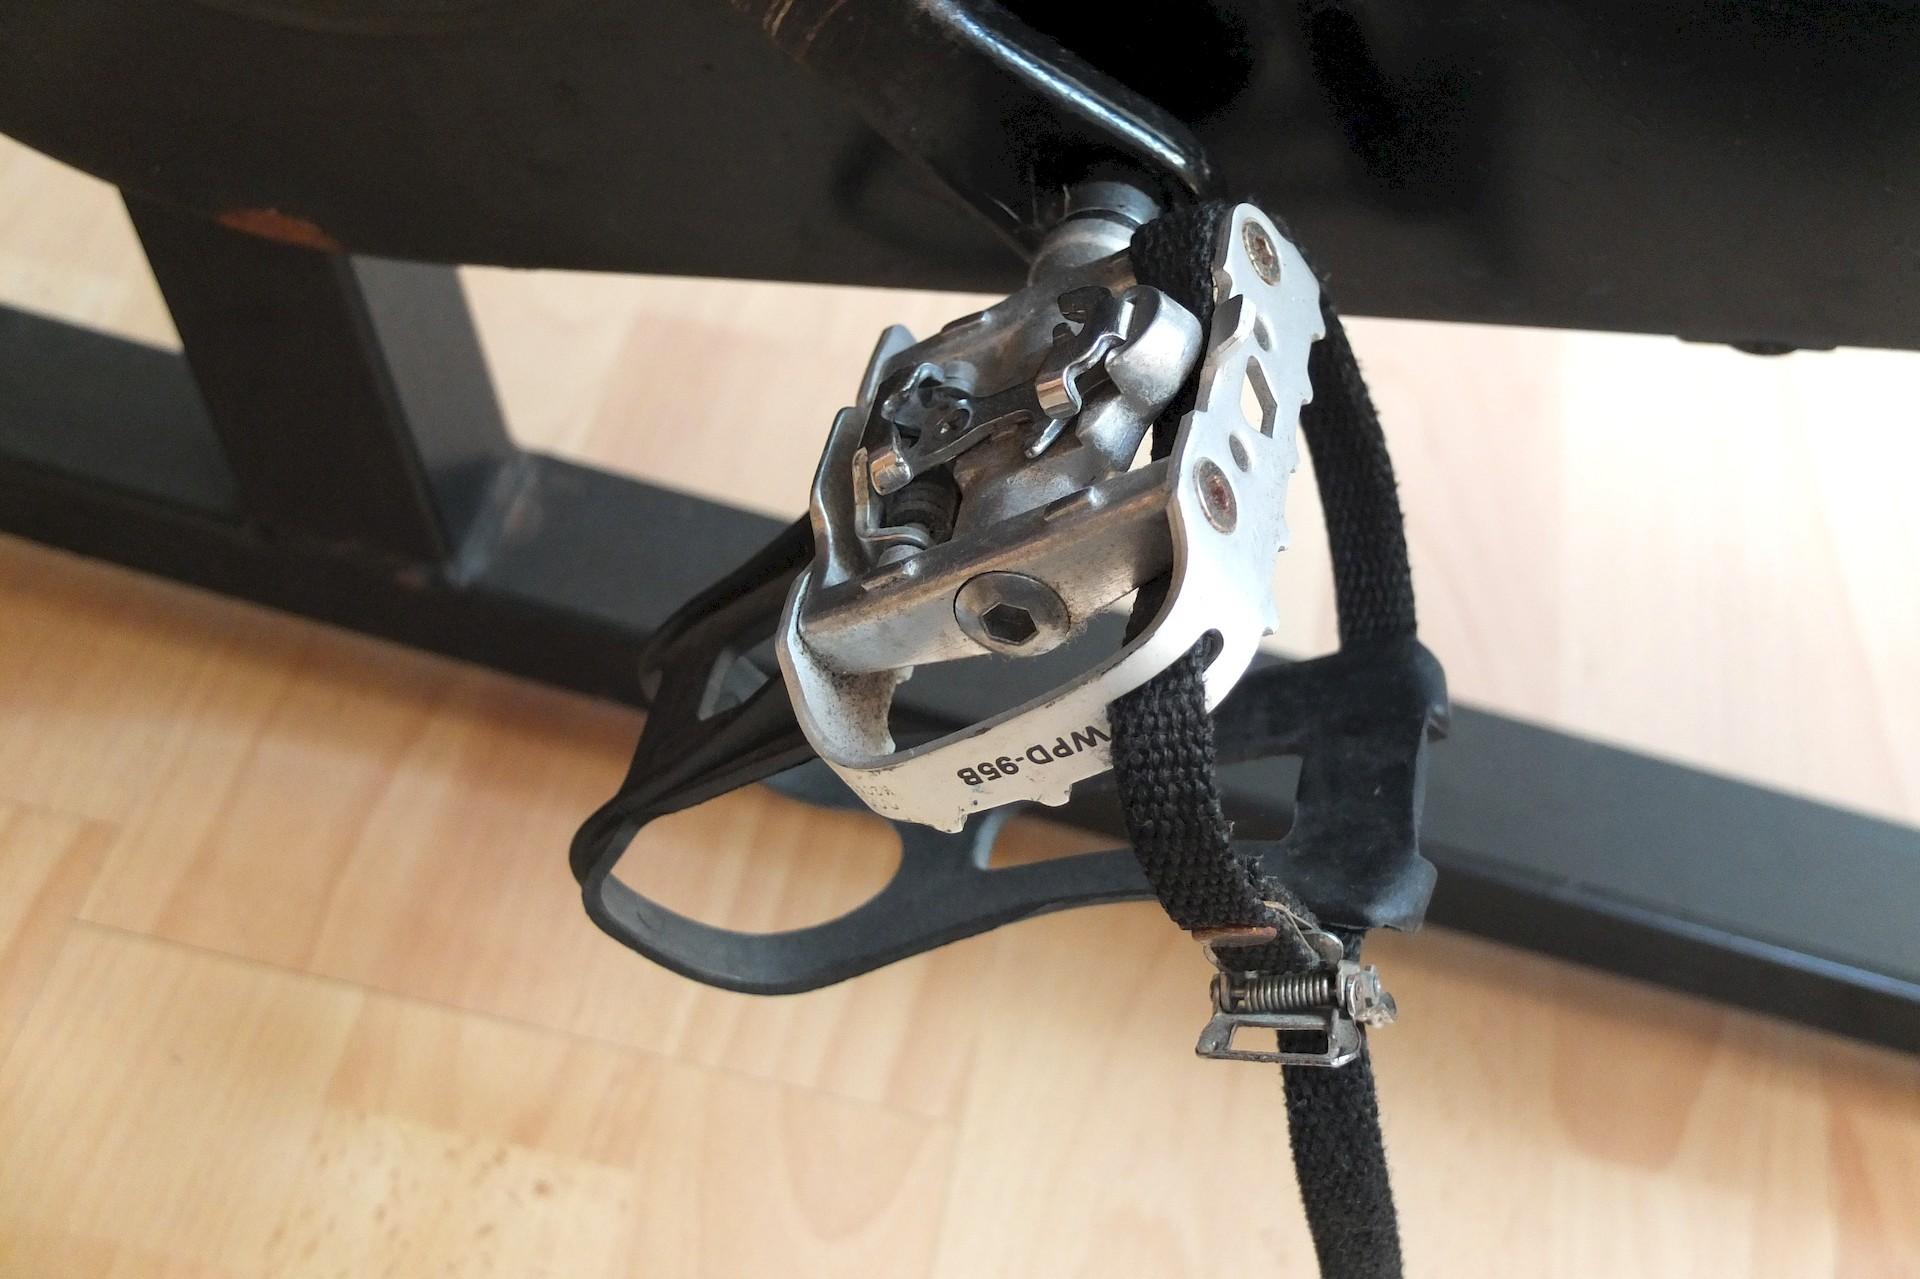 Spinning-Bike von Schwinn - Die Pedalen